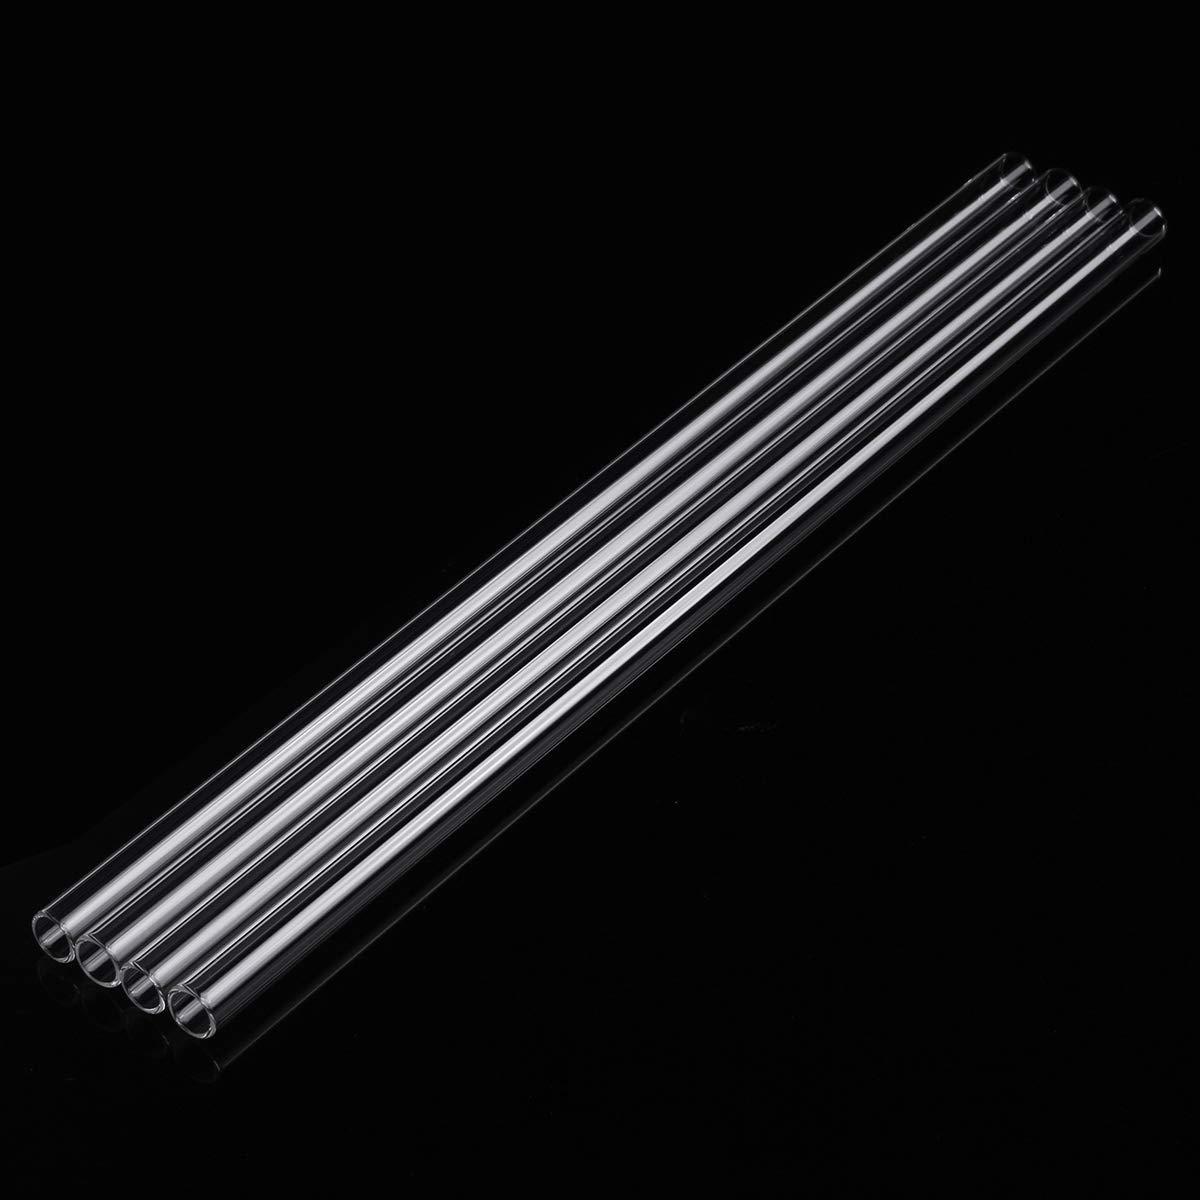 ExcLent 4Pcs Tube De Soufflage De Verre Borosilicate /À Paroi /Épaisse 300Mm X 10Mm X 1Mm